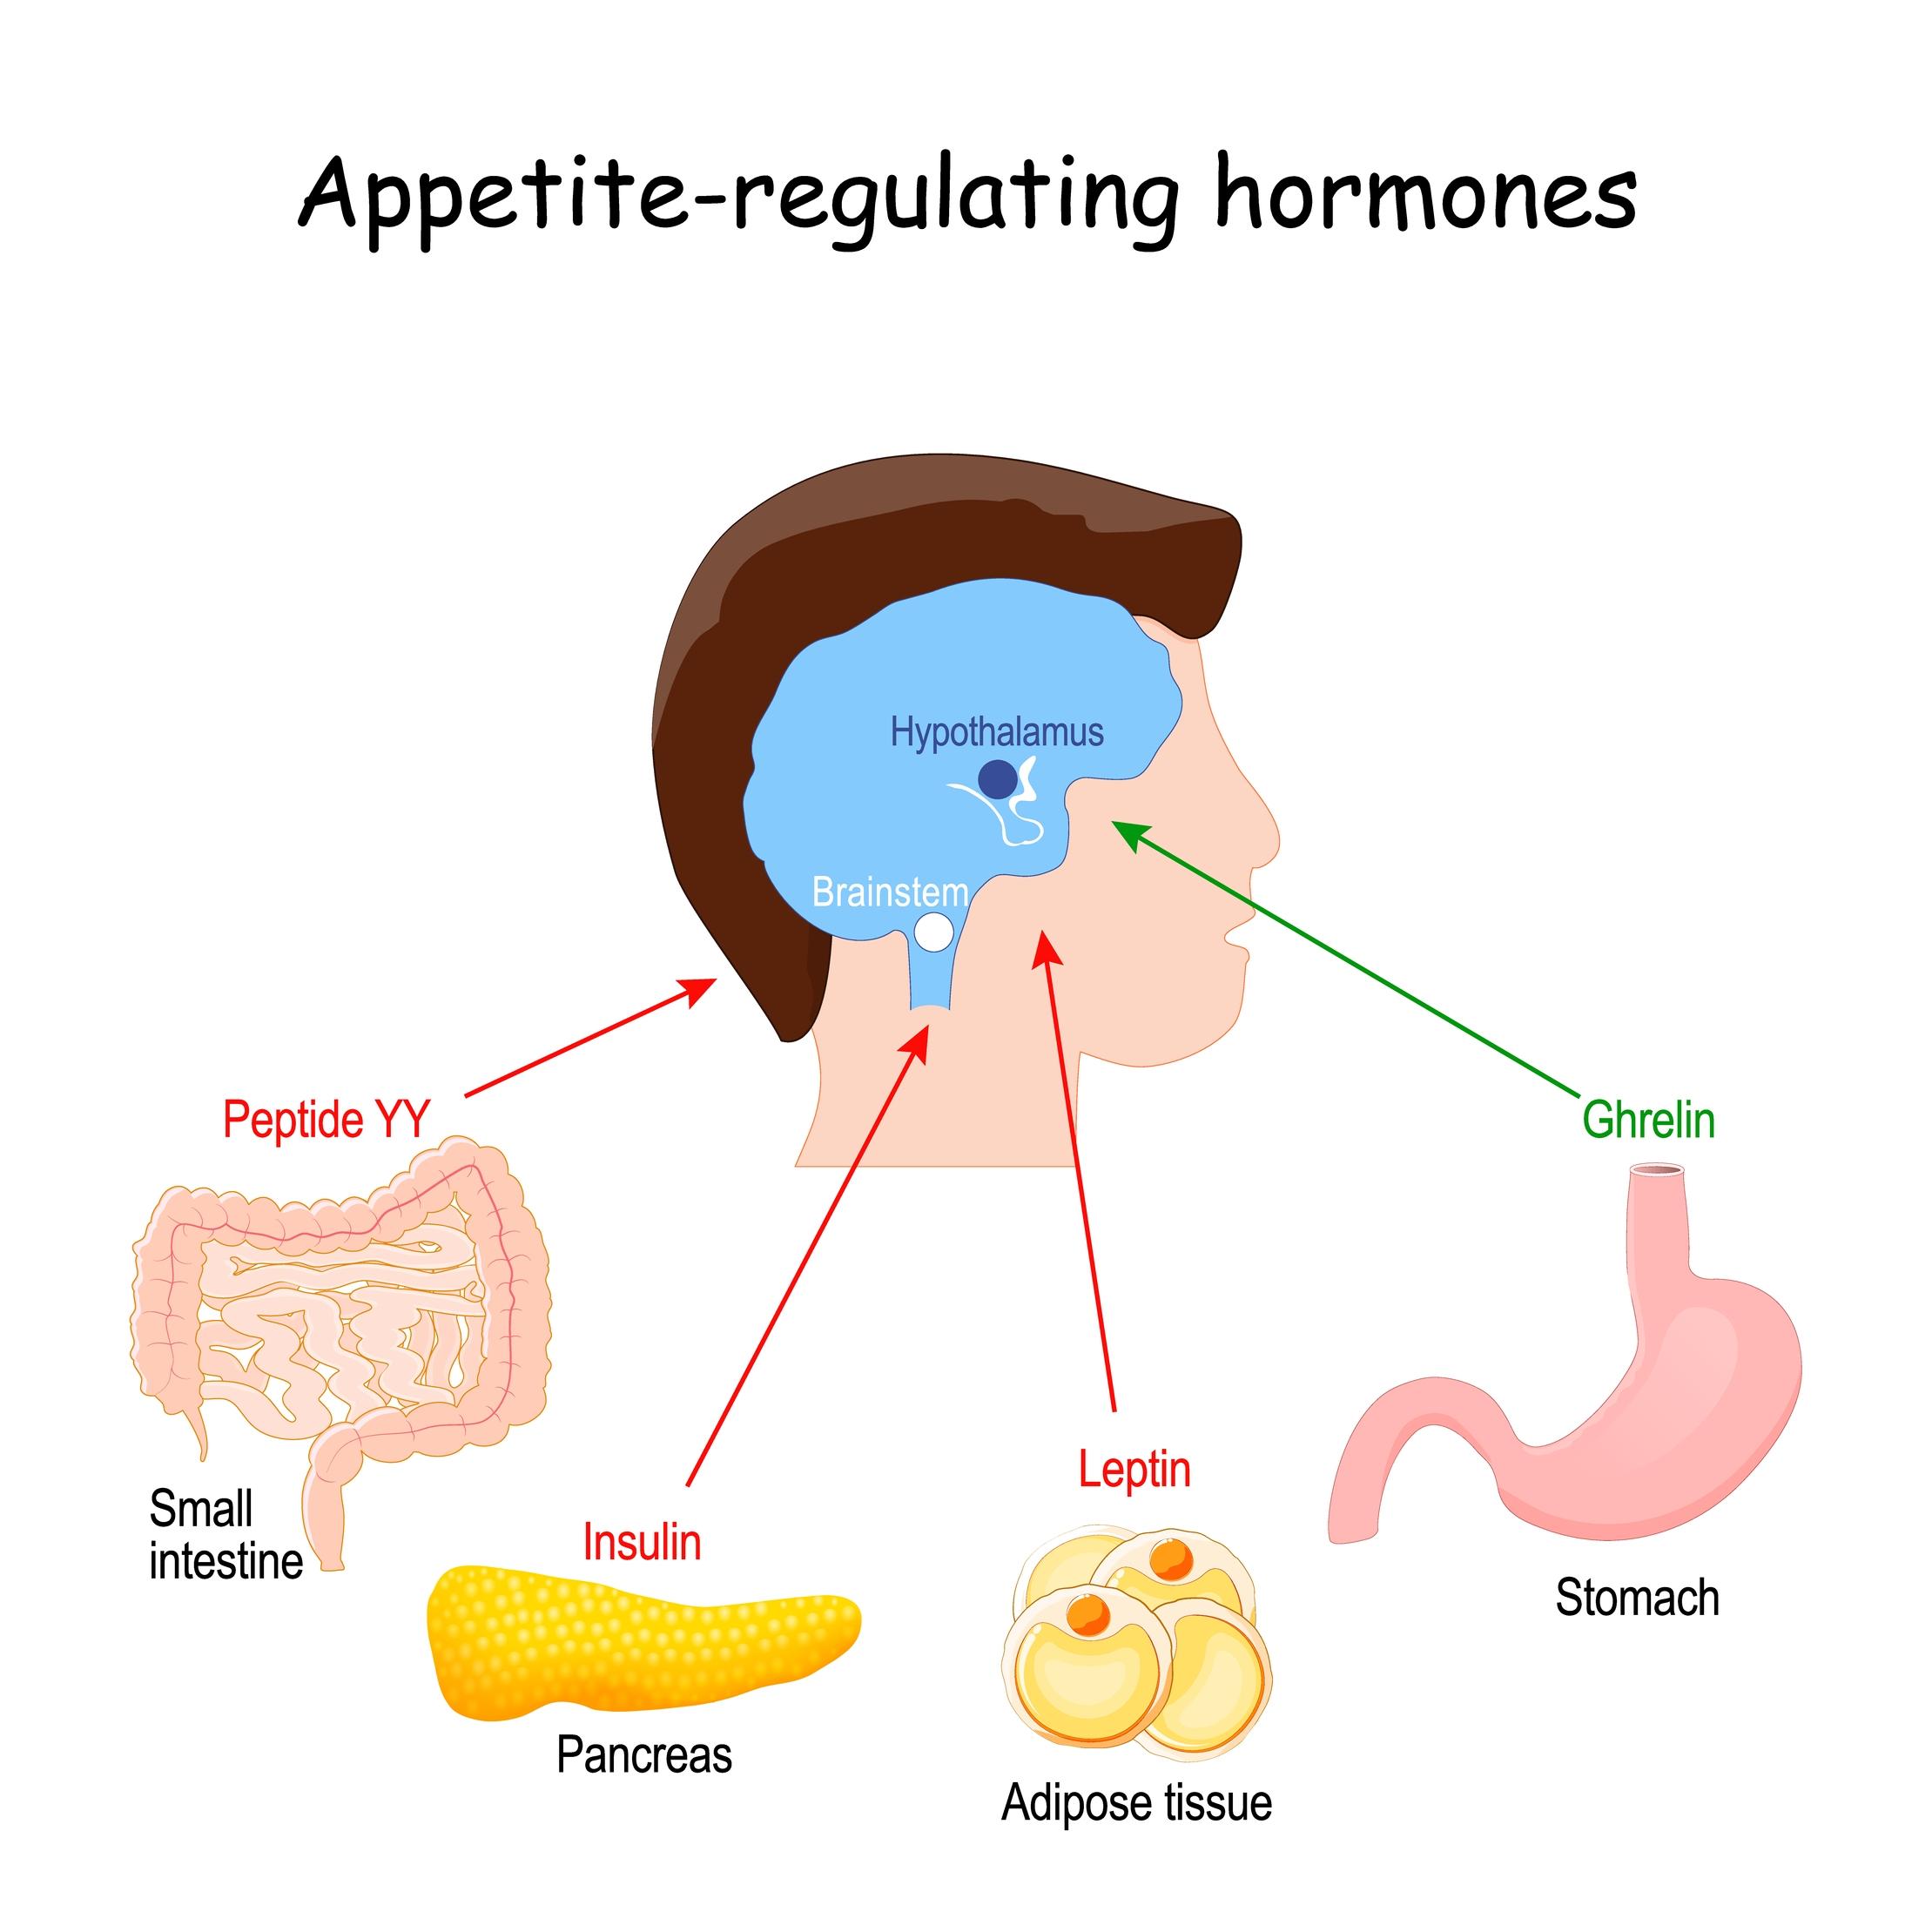 controle da fome e apetite